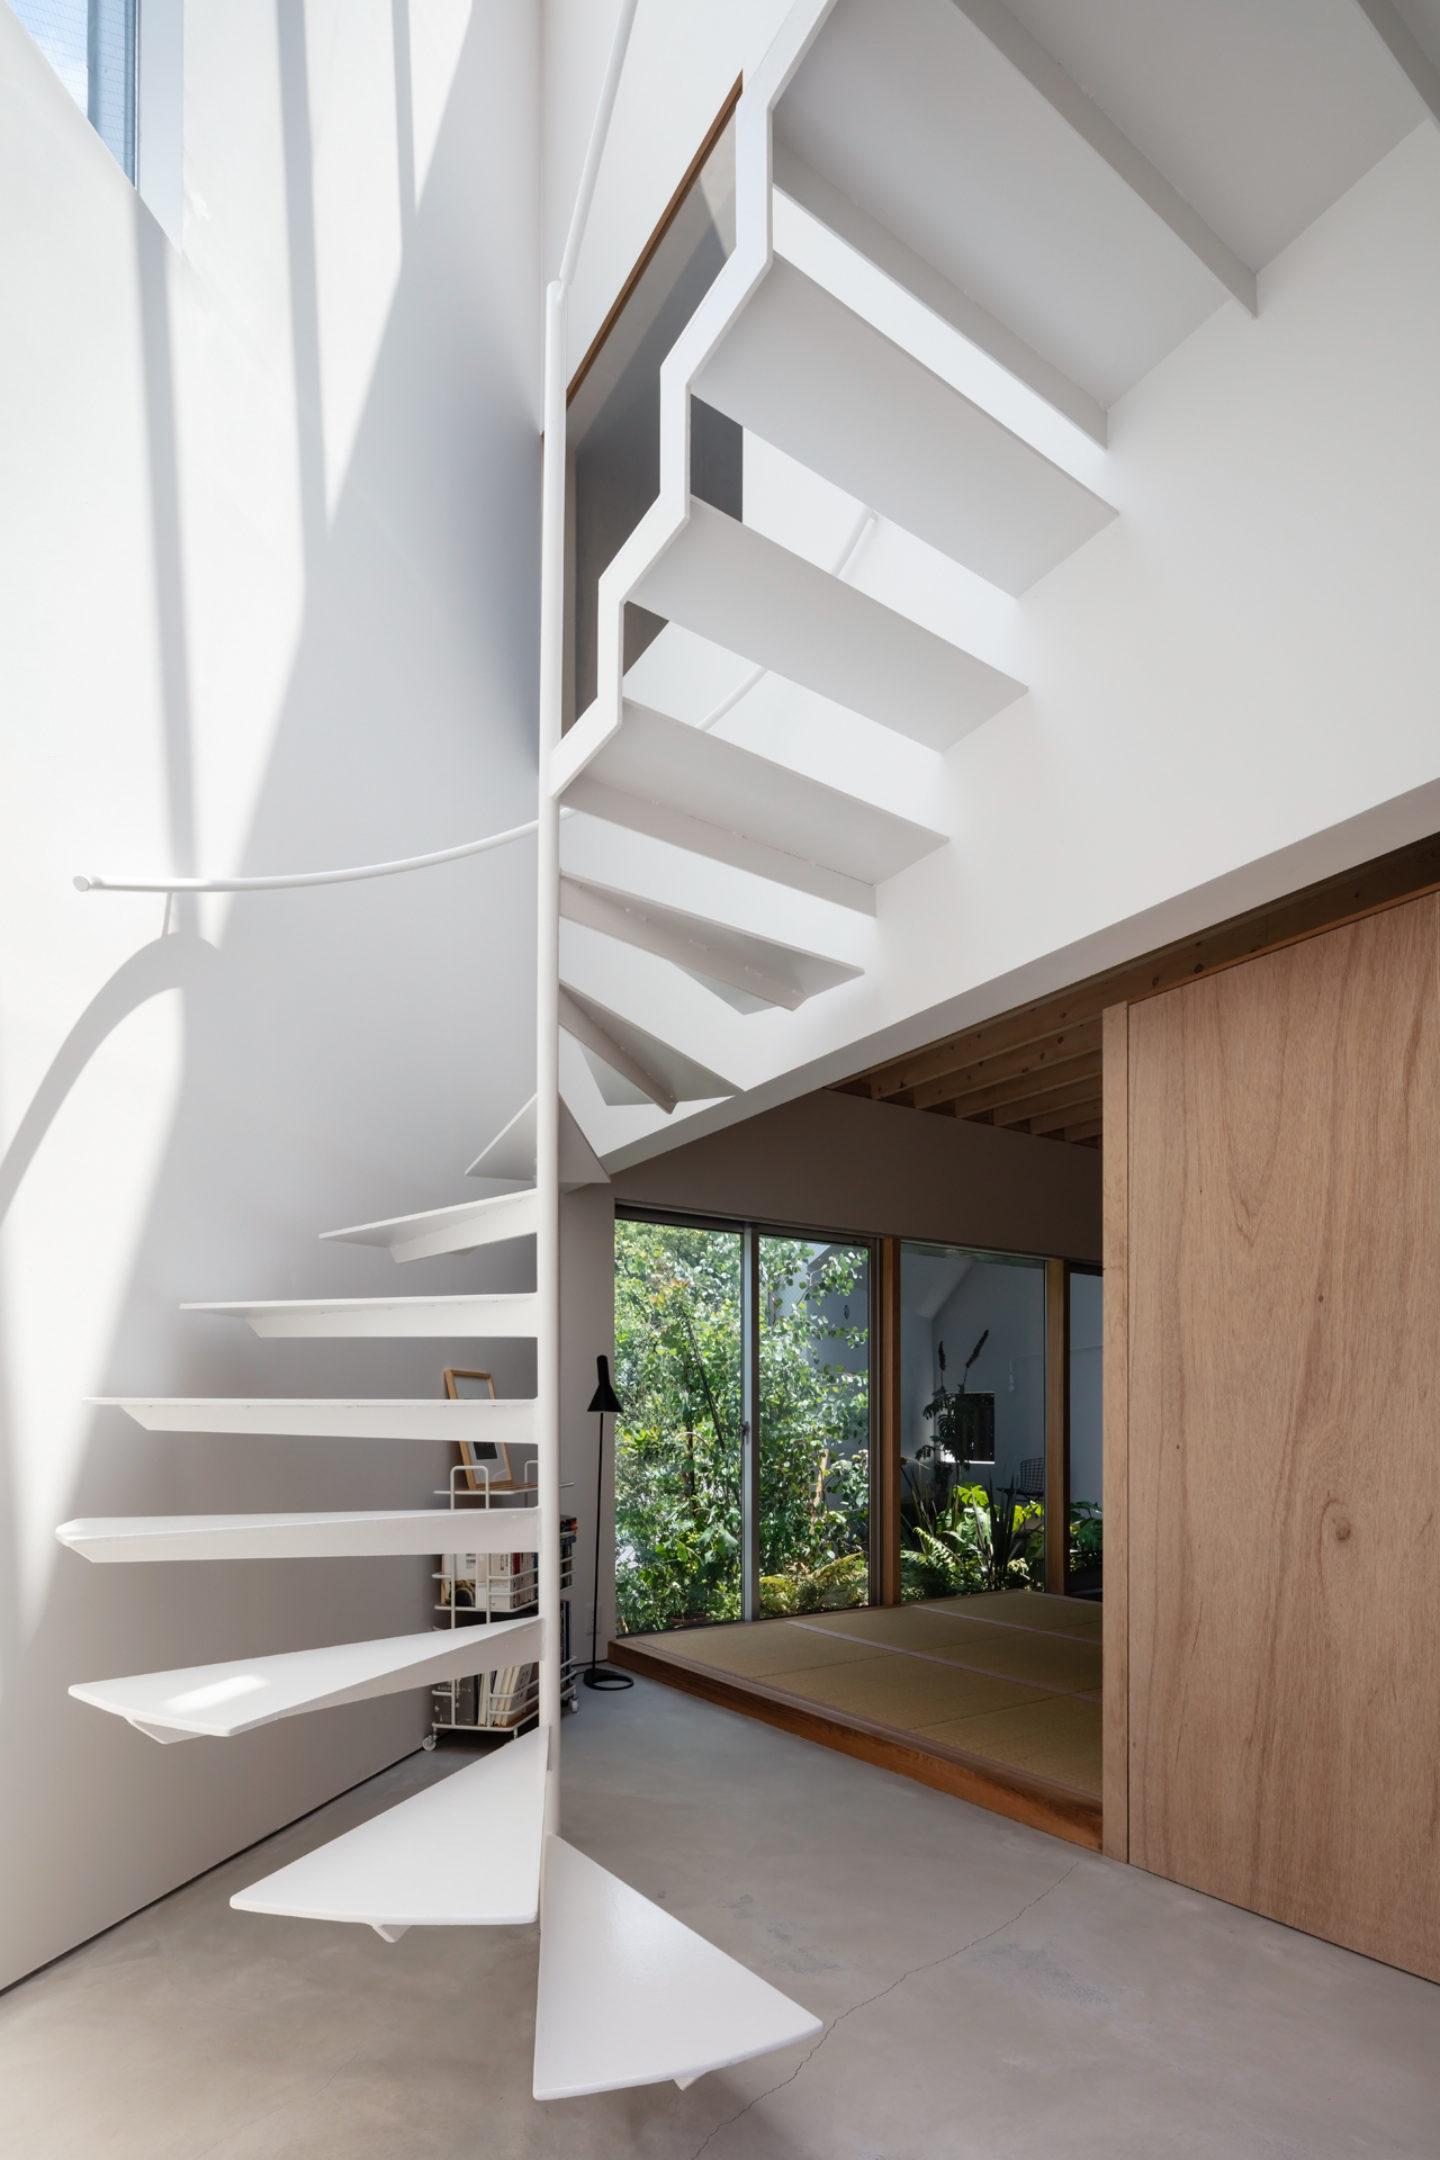 IGNANT-Architecture-Taketo-Shimohigoshi-AAE-K2-House-8